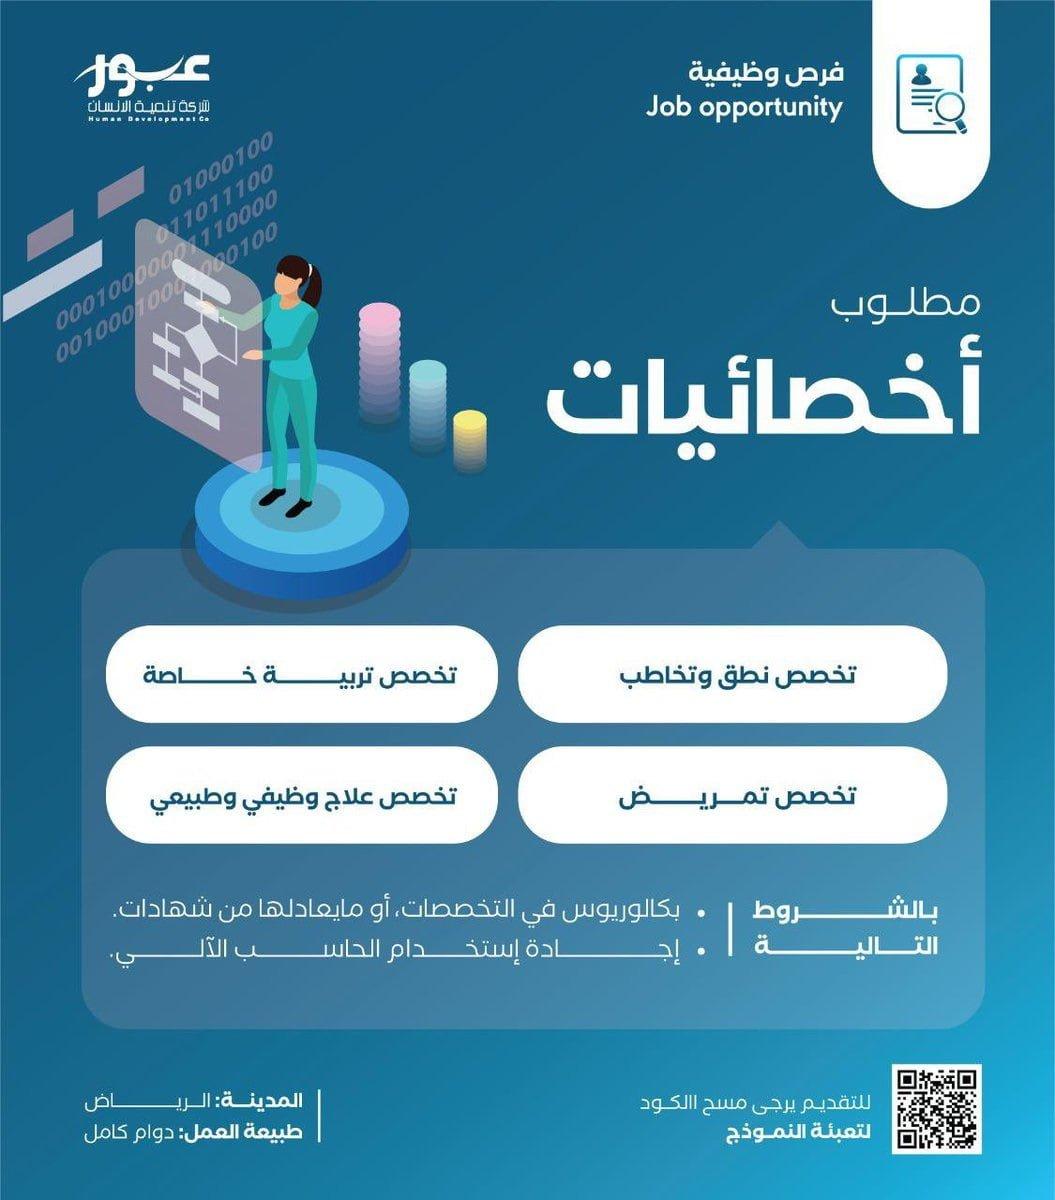 وظائف شاغرة بعدة مجالات في الرياض وجازان لدى شركة تنمية الإنسان عبور 3